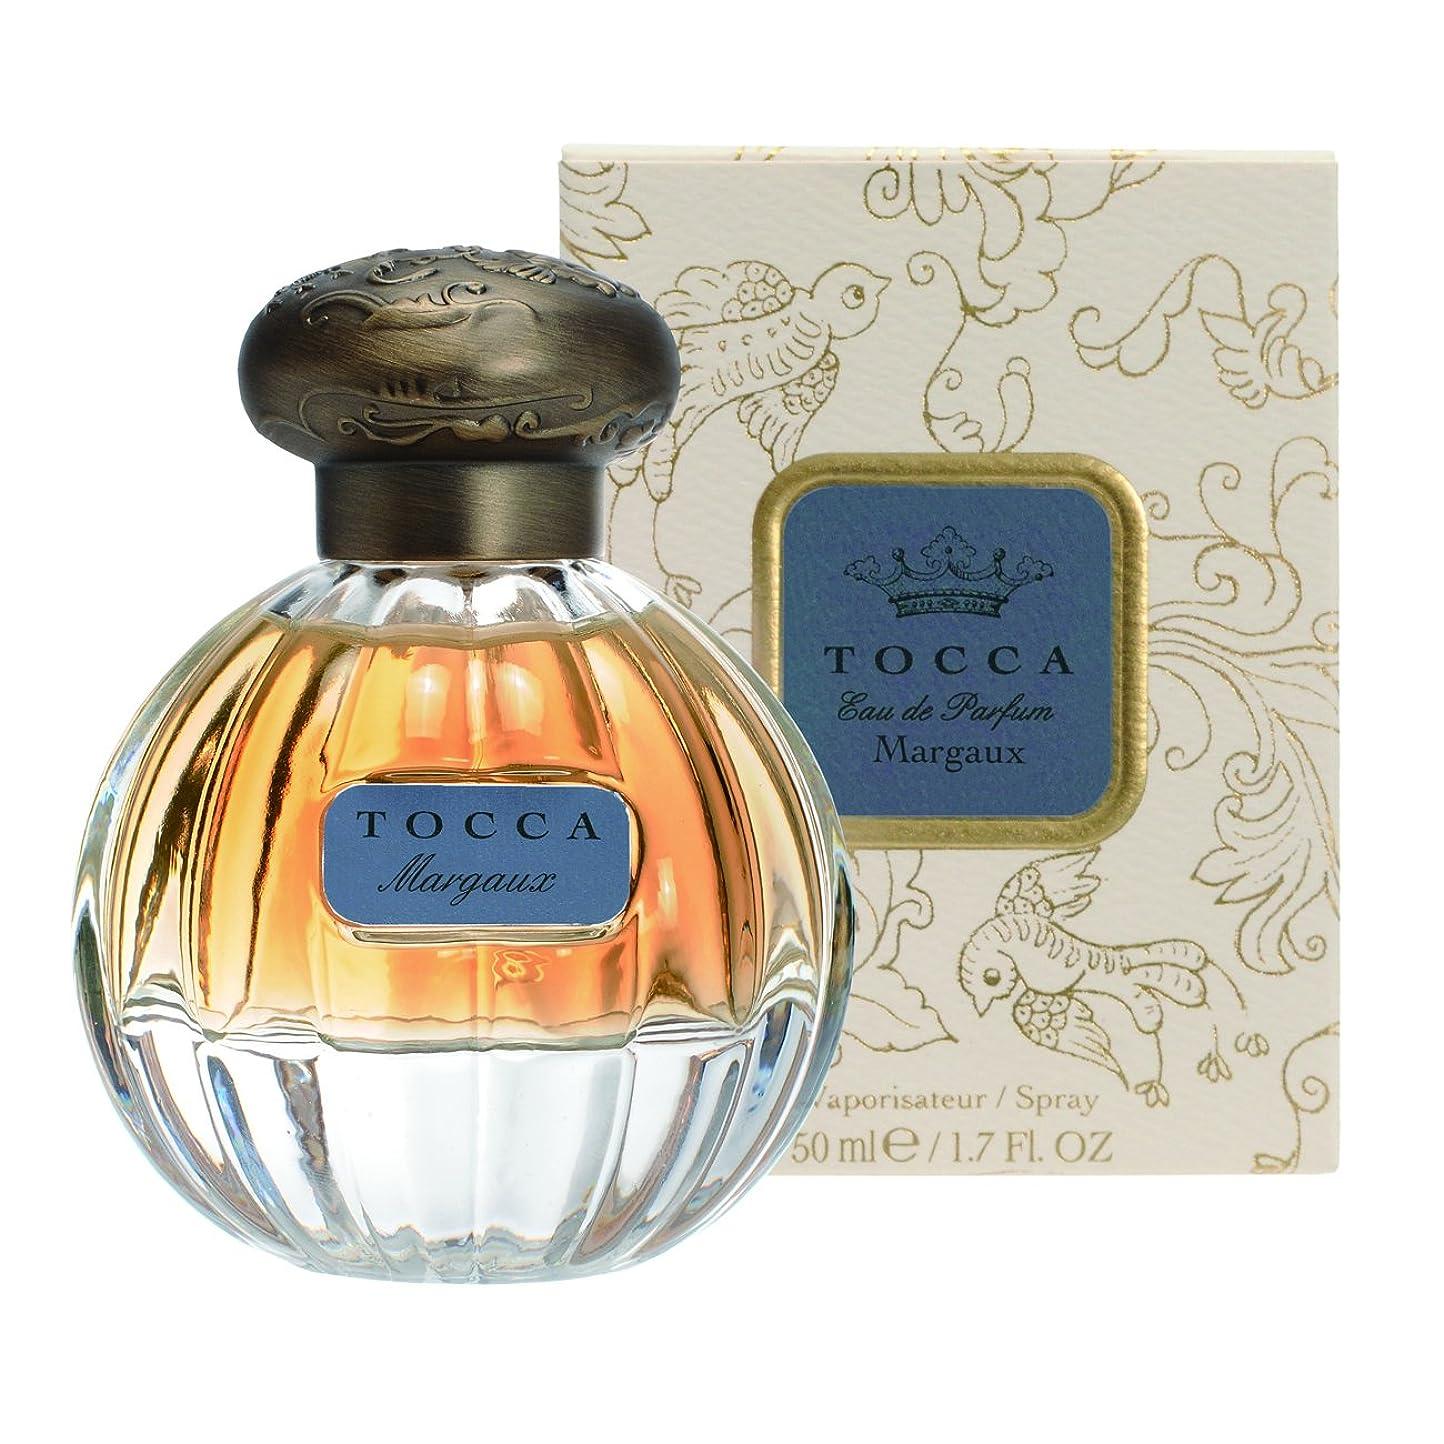 分割原稿知性トッカ(TOCCA) オードパルファム マルゴーの香り 50ml(香水 永遠の愛を思わせるフローラルとカシミヤウッド、ムスクの甘い温かみにバニラのアクセントが加わった香り)